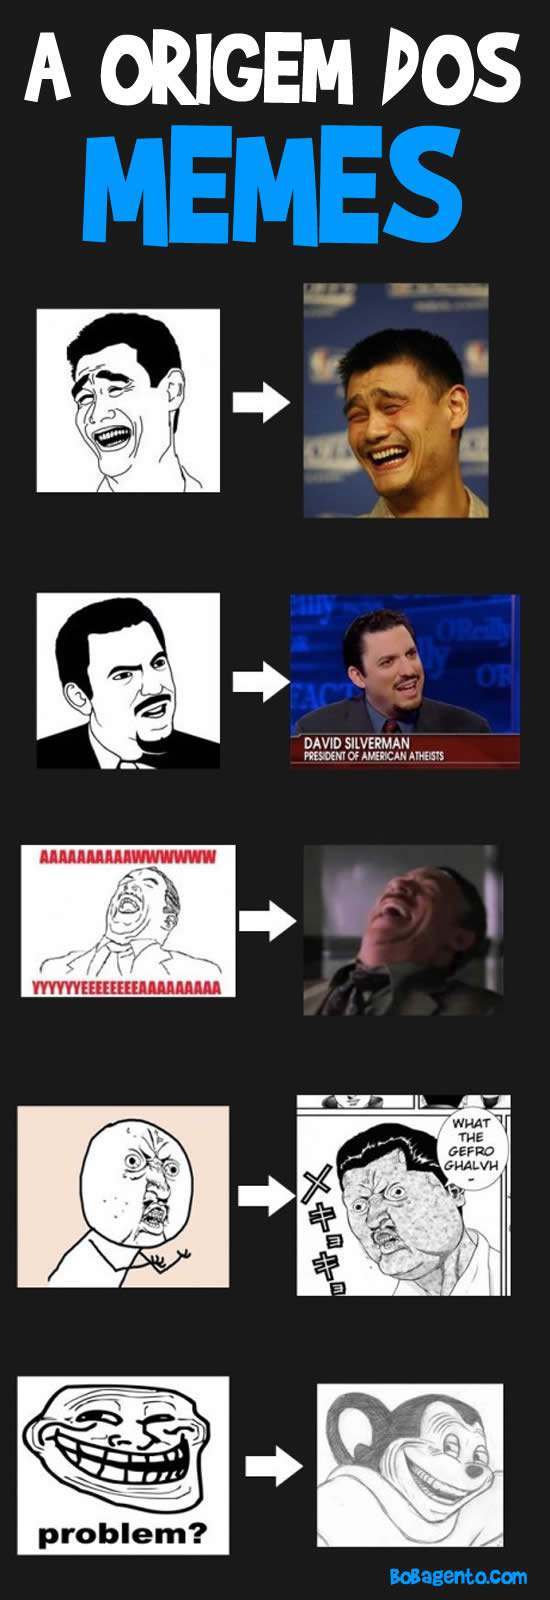 a origem dos memes Trollface, Fuuu, Forever alone: afinal, como surgiram e o que significam os chamados memes da internet?